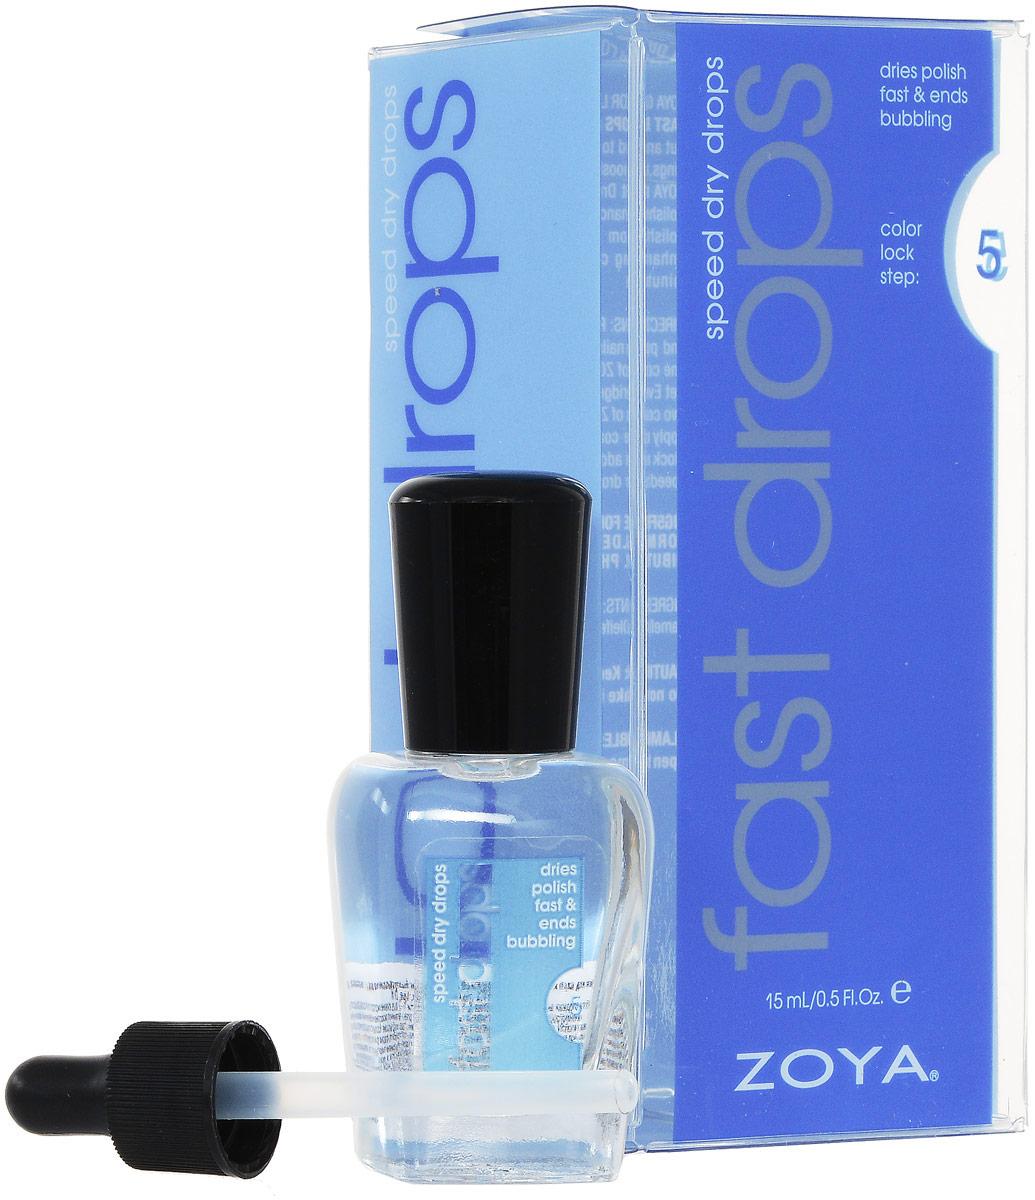 Zoya-Qtica Средство для быстрого высыхания лака для ногтей Fast Drops 15 млZTFD01Позволяет высушить лак в два раза быстрее, предотвращая образование пузырей и делая цвет лака еще более насыщенным. Сохраняет яркий идеальный цвет до двух недель при нанесении каждый раз после нанесения верхнего покрытия ZOYA Armor Topcoat каждые два дня.